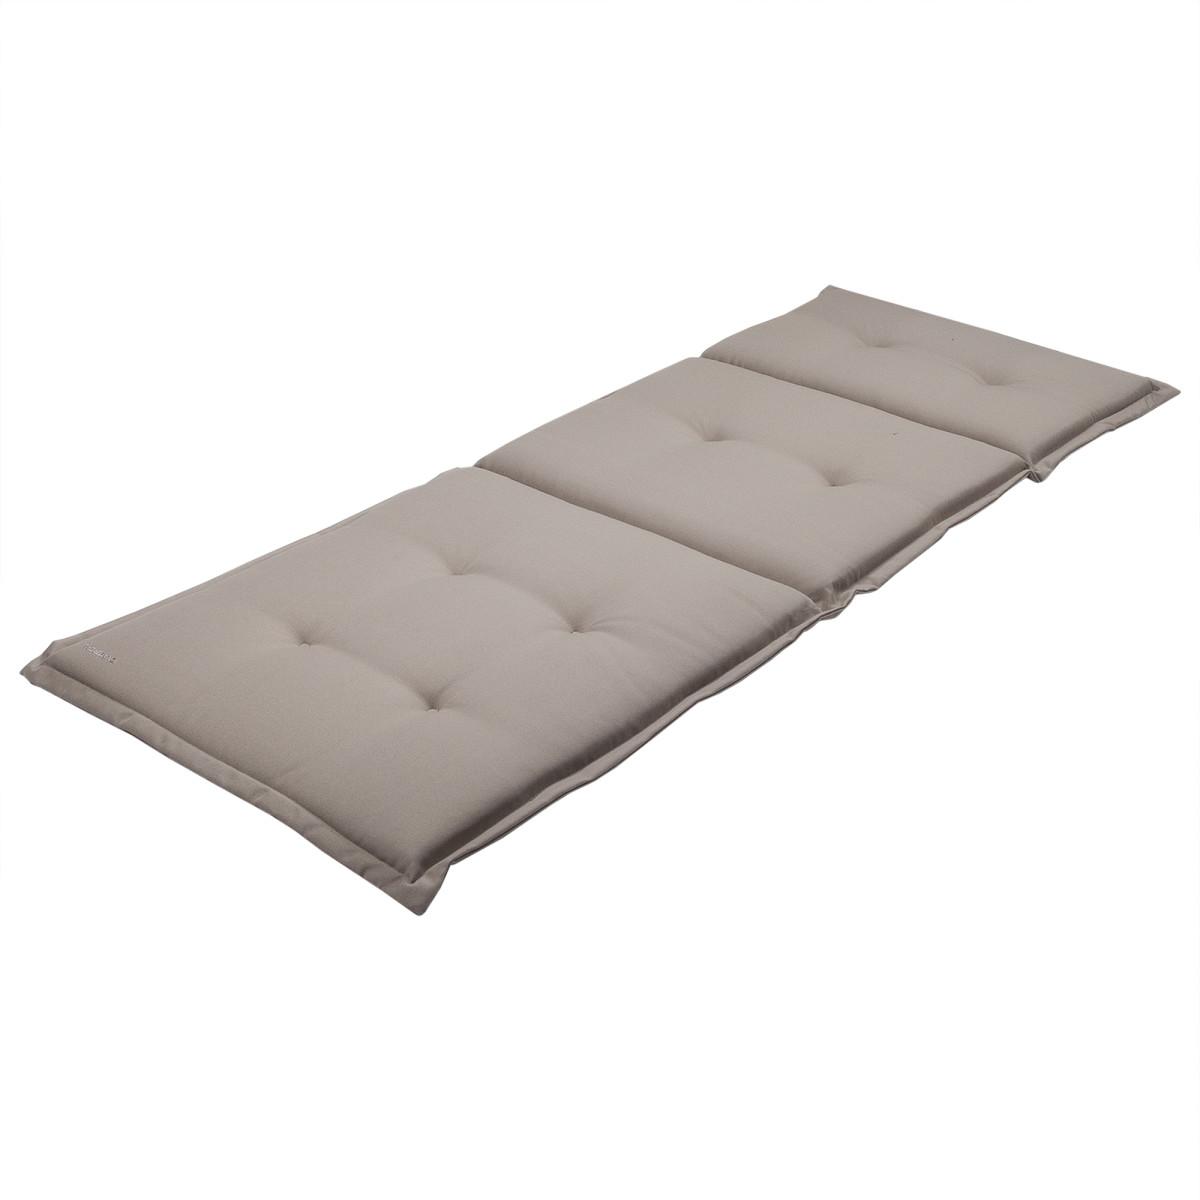 Подушка для шезлонга серая 165х65х5 см полиэстер